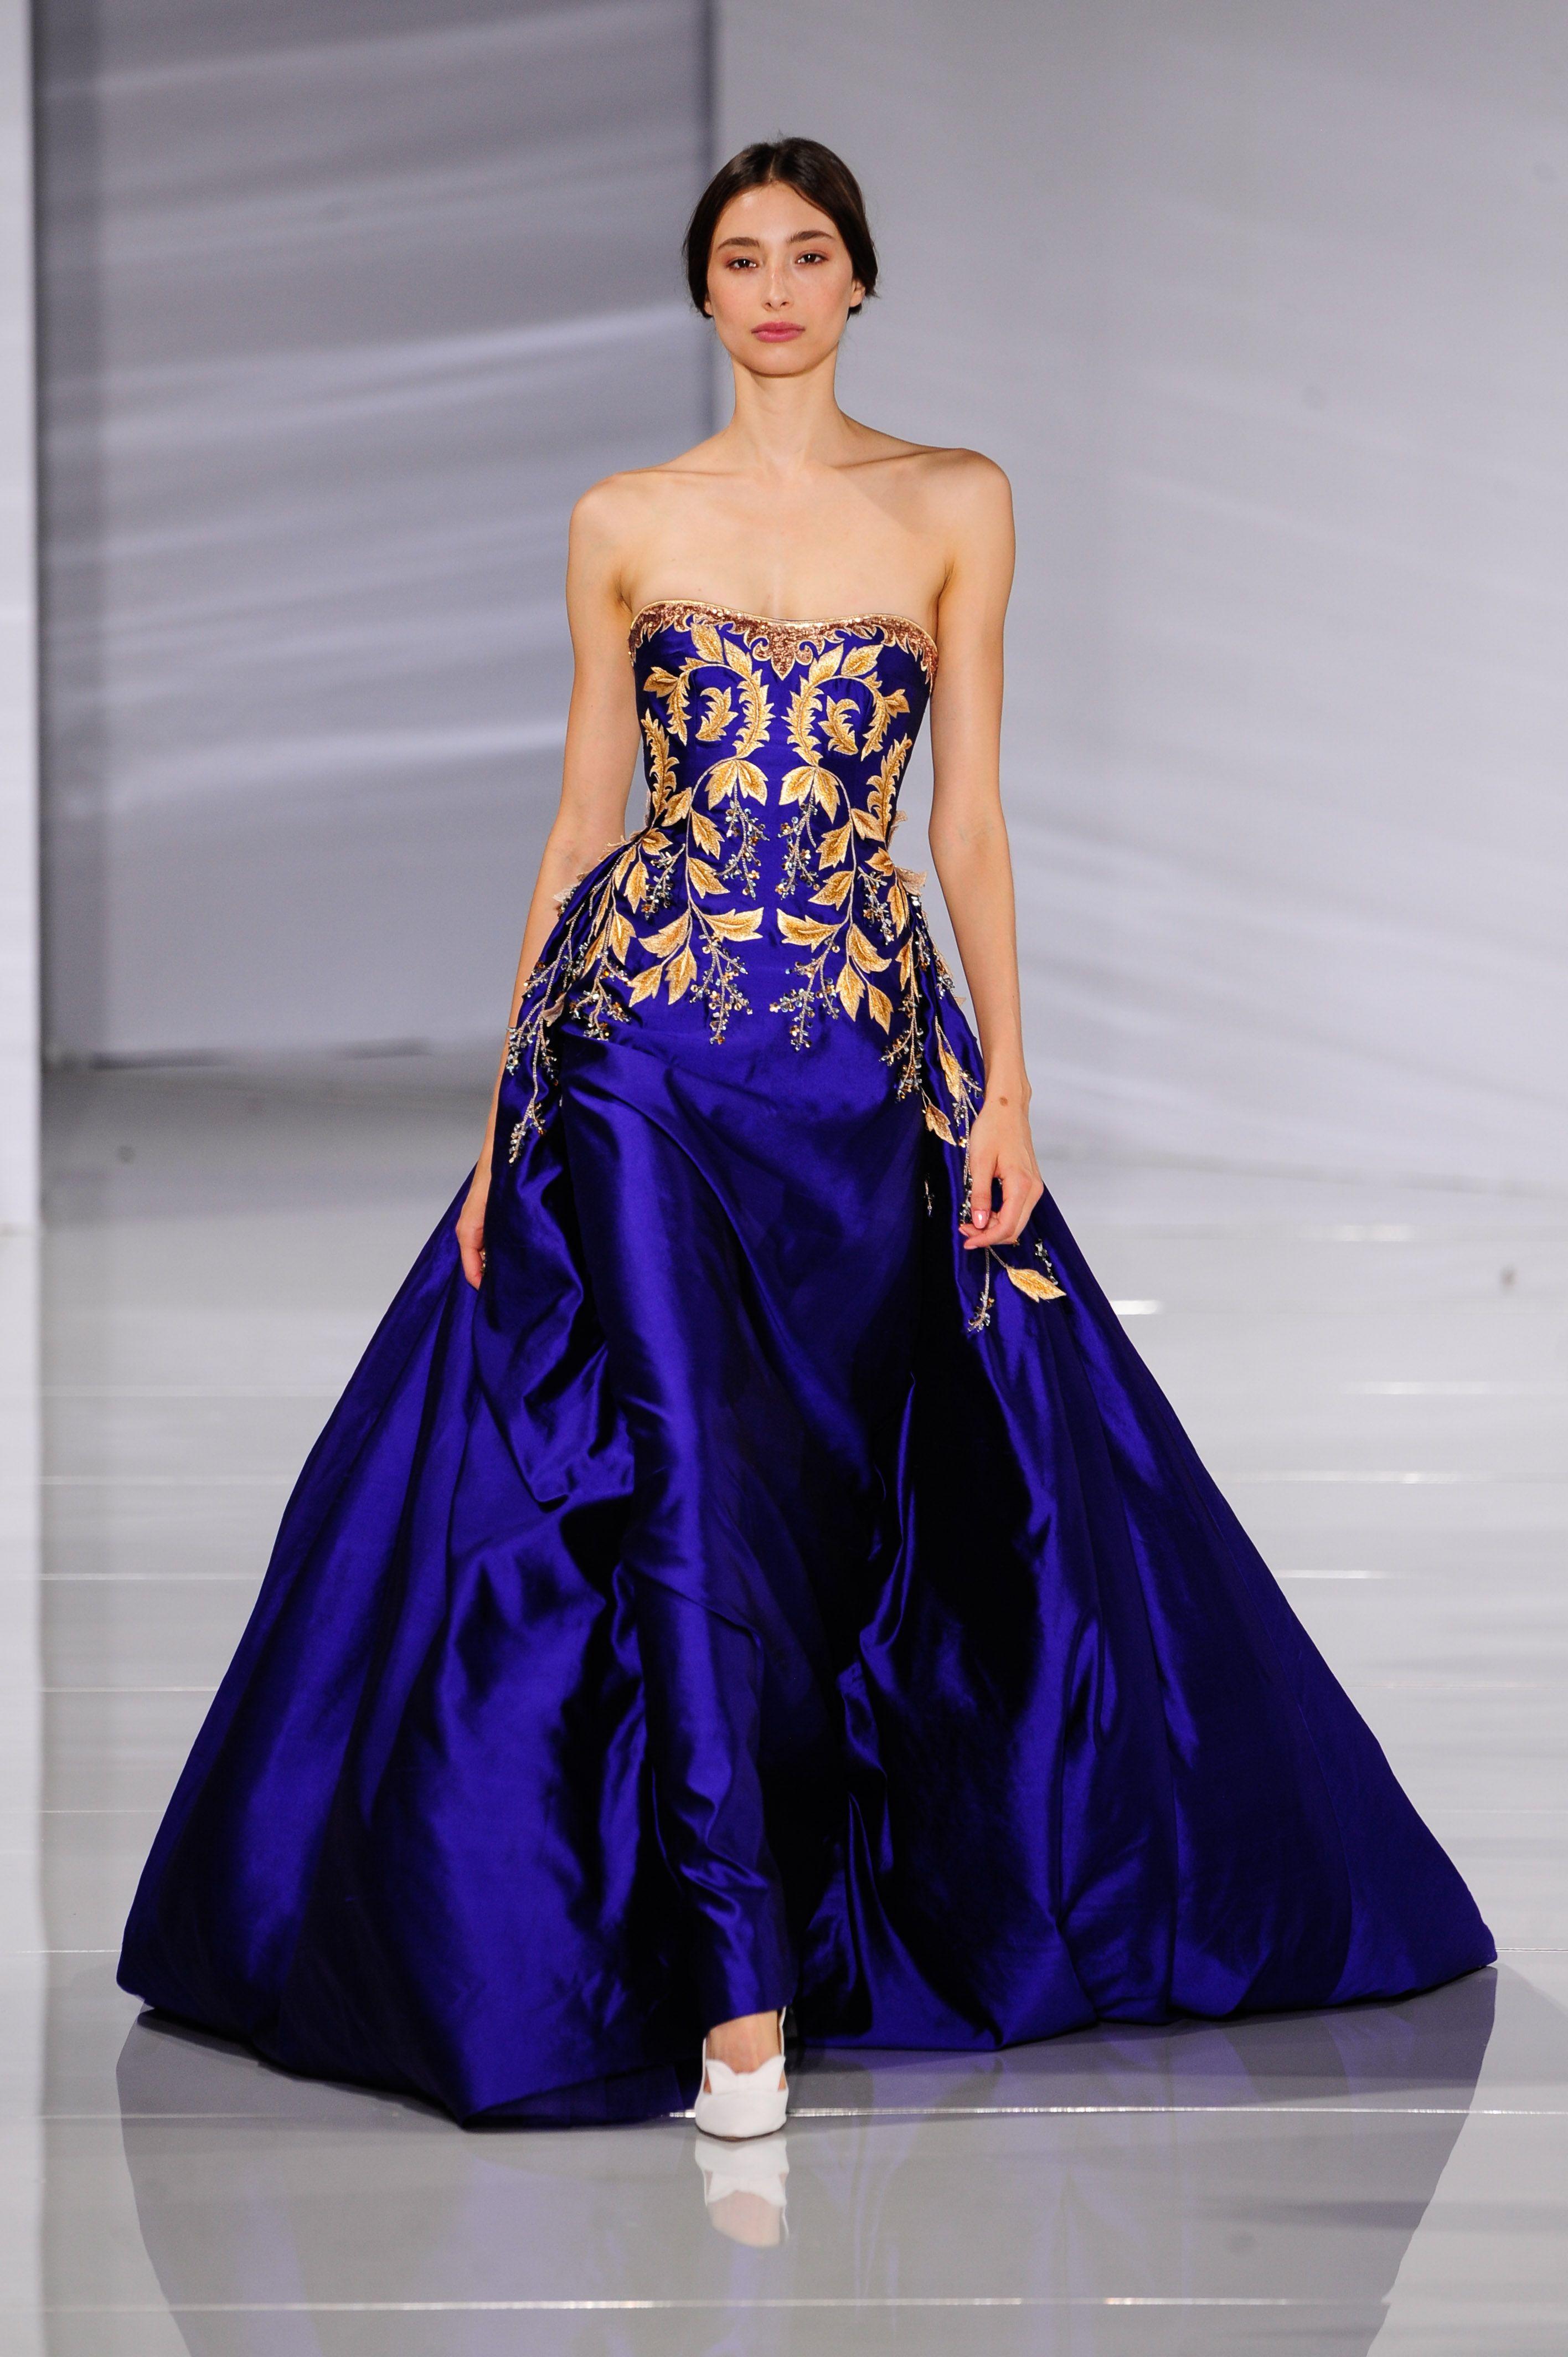 d1885746e65 Le défilé Hobeika AH 2015-2016 et ses splendides robes des mille et une  nuits